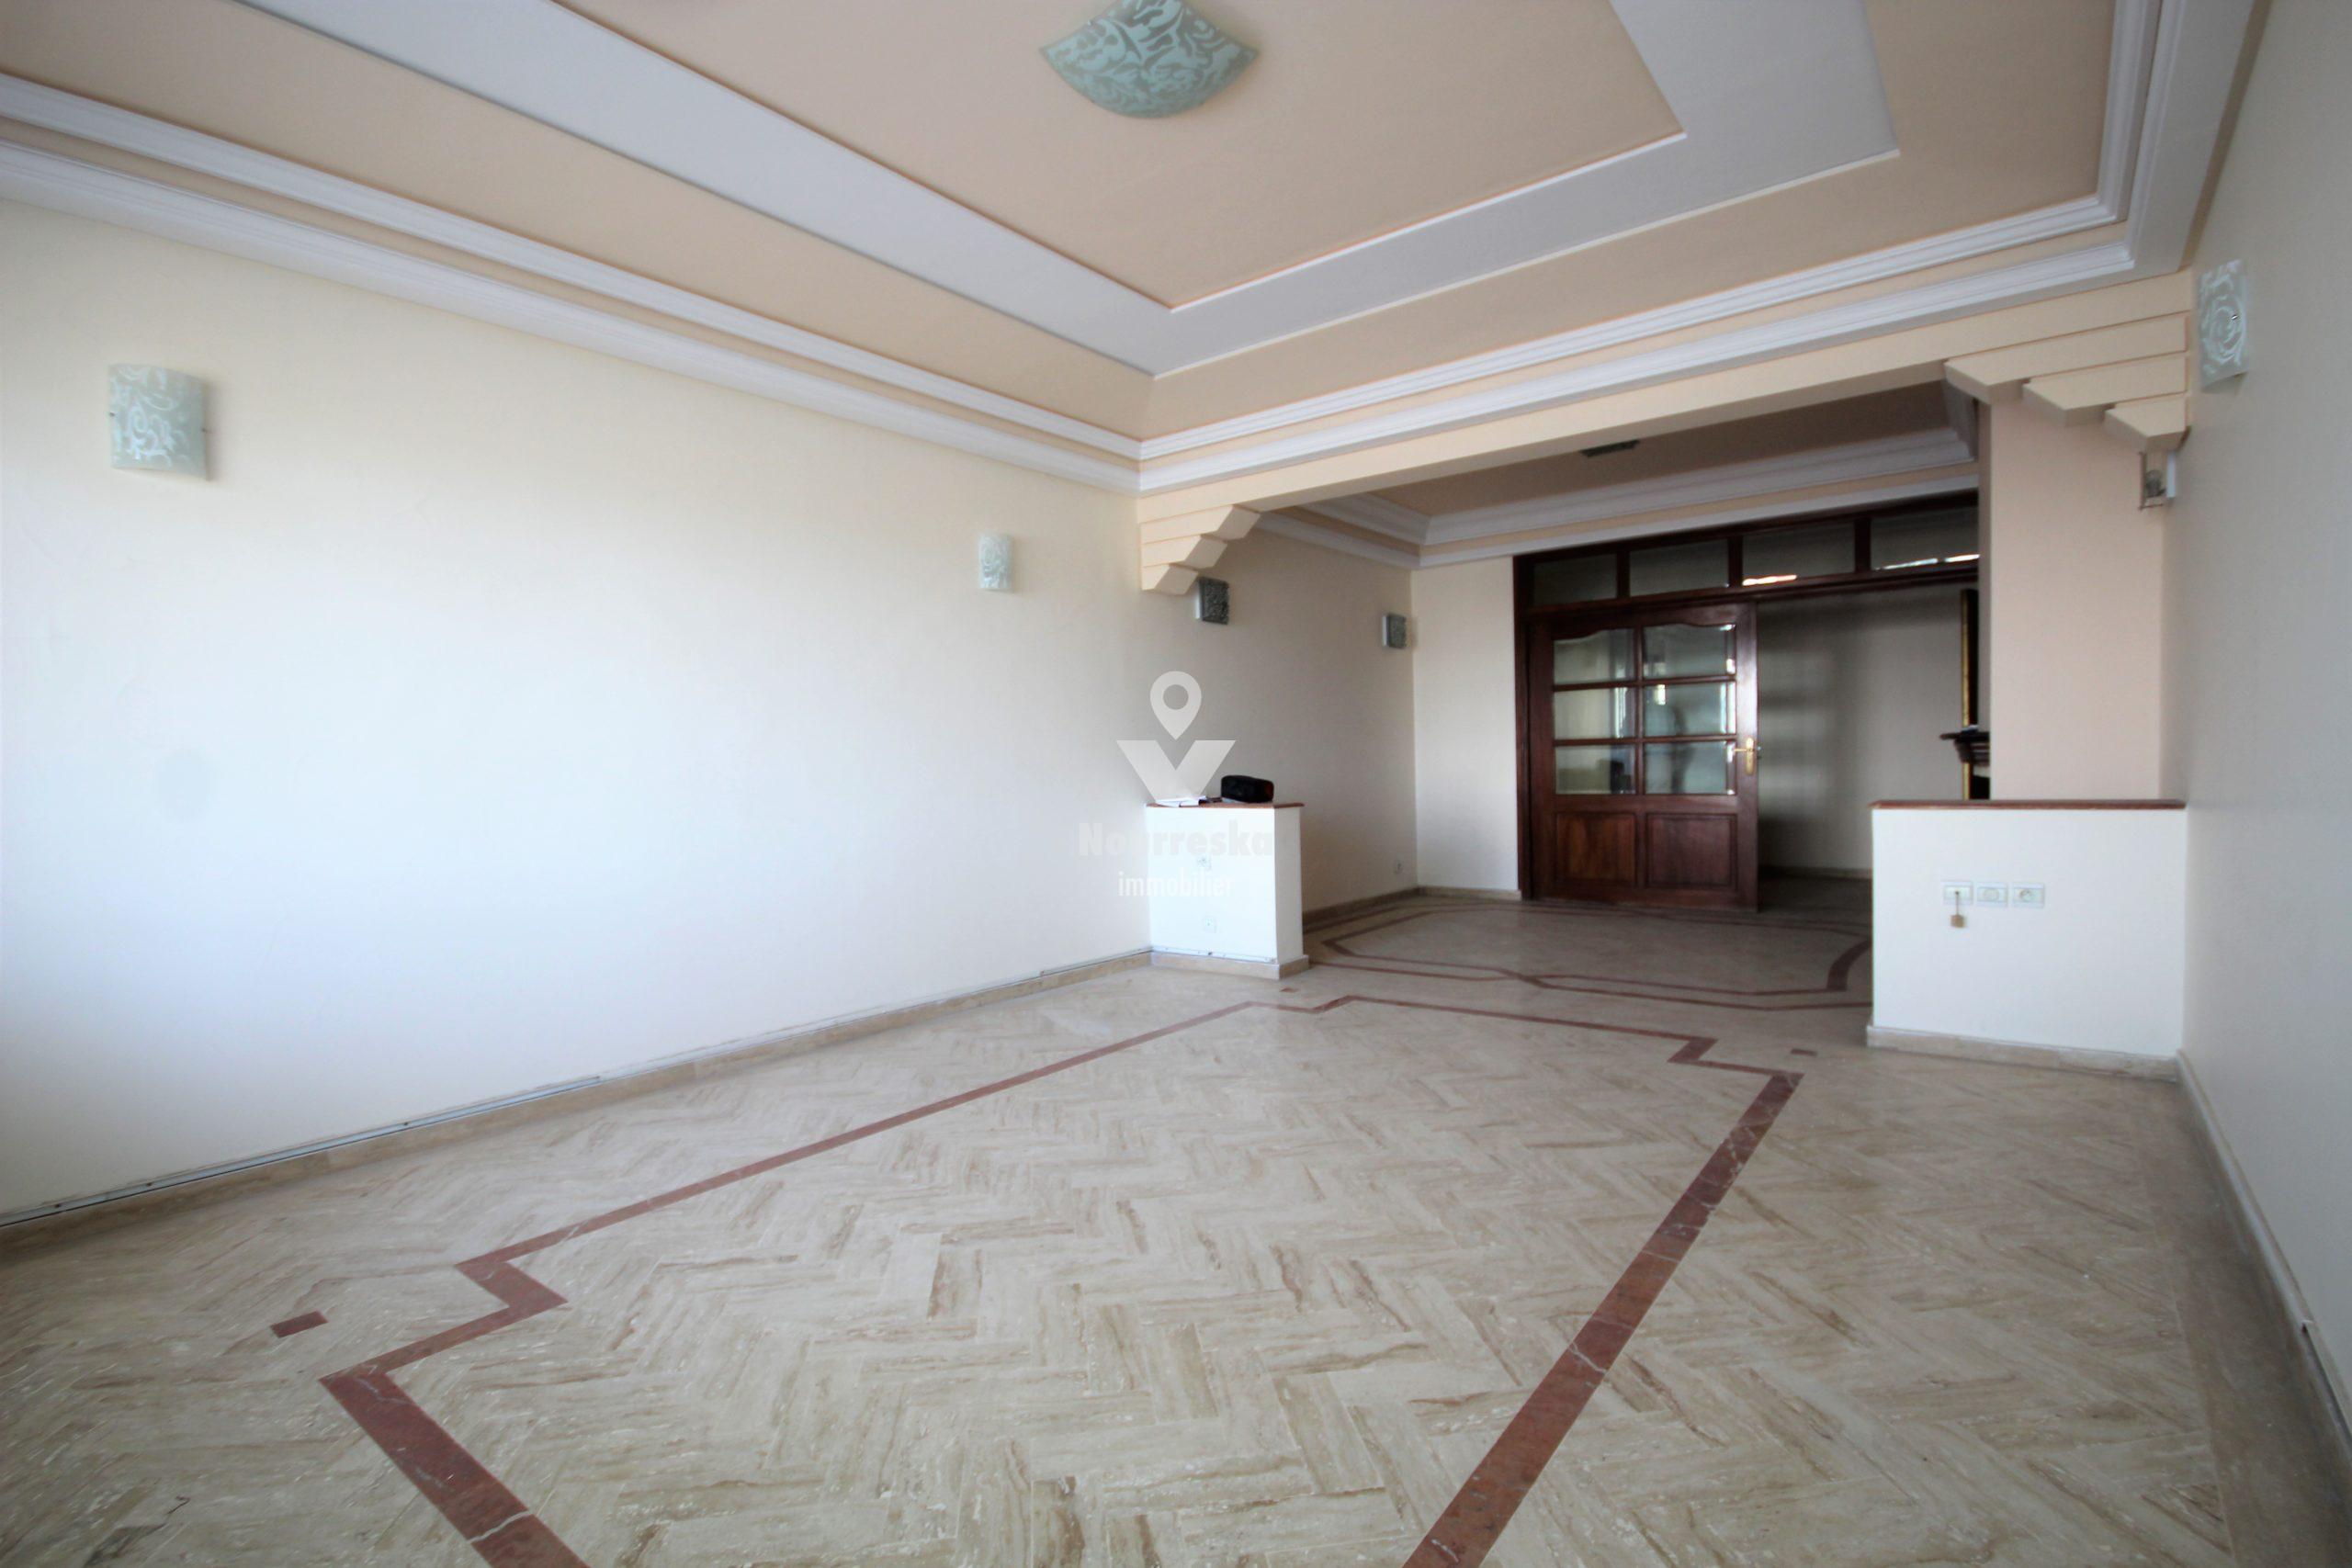 Maroc, Casablanca, location vélodrome vaste appartement de 180 m² sans vis-à-vis